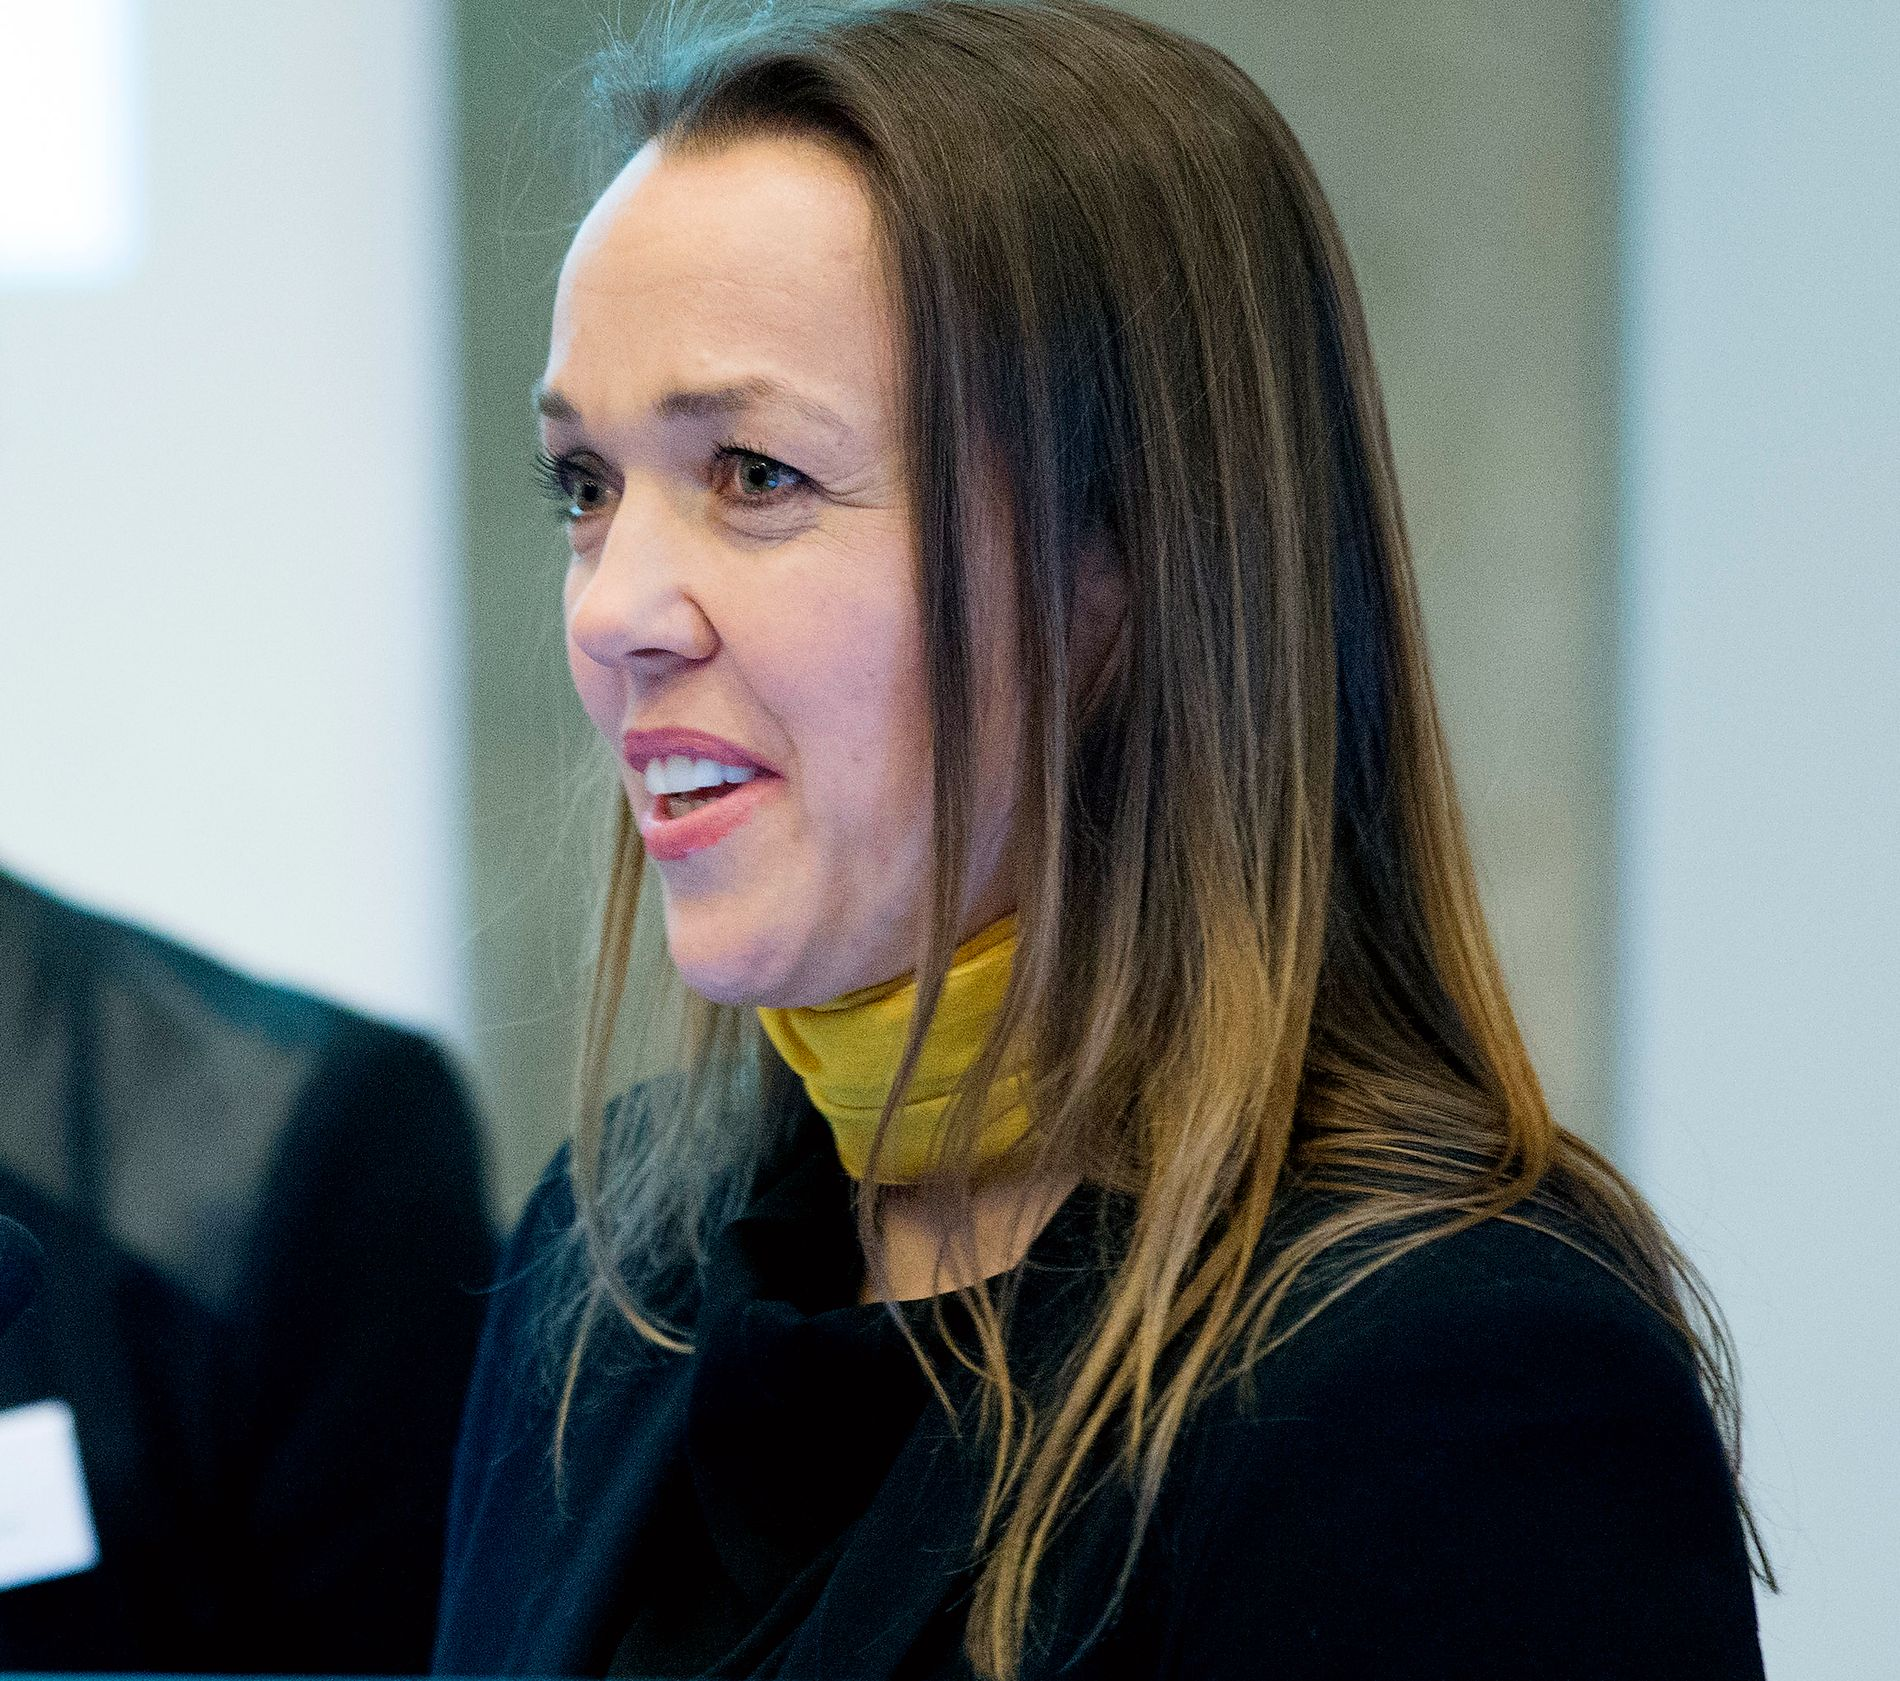 FØRST UT: Bodil Jenssen Houg var landets første mobbeombud. 1. januar har hun vært mobbeombud i Buskerud i fem år.